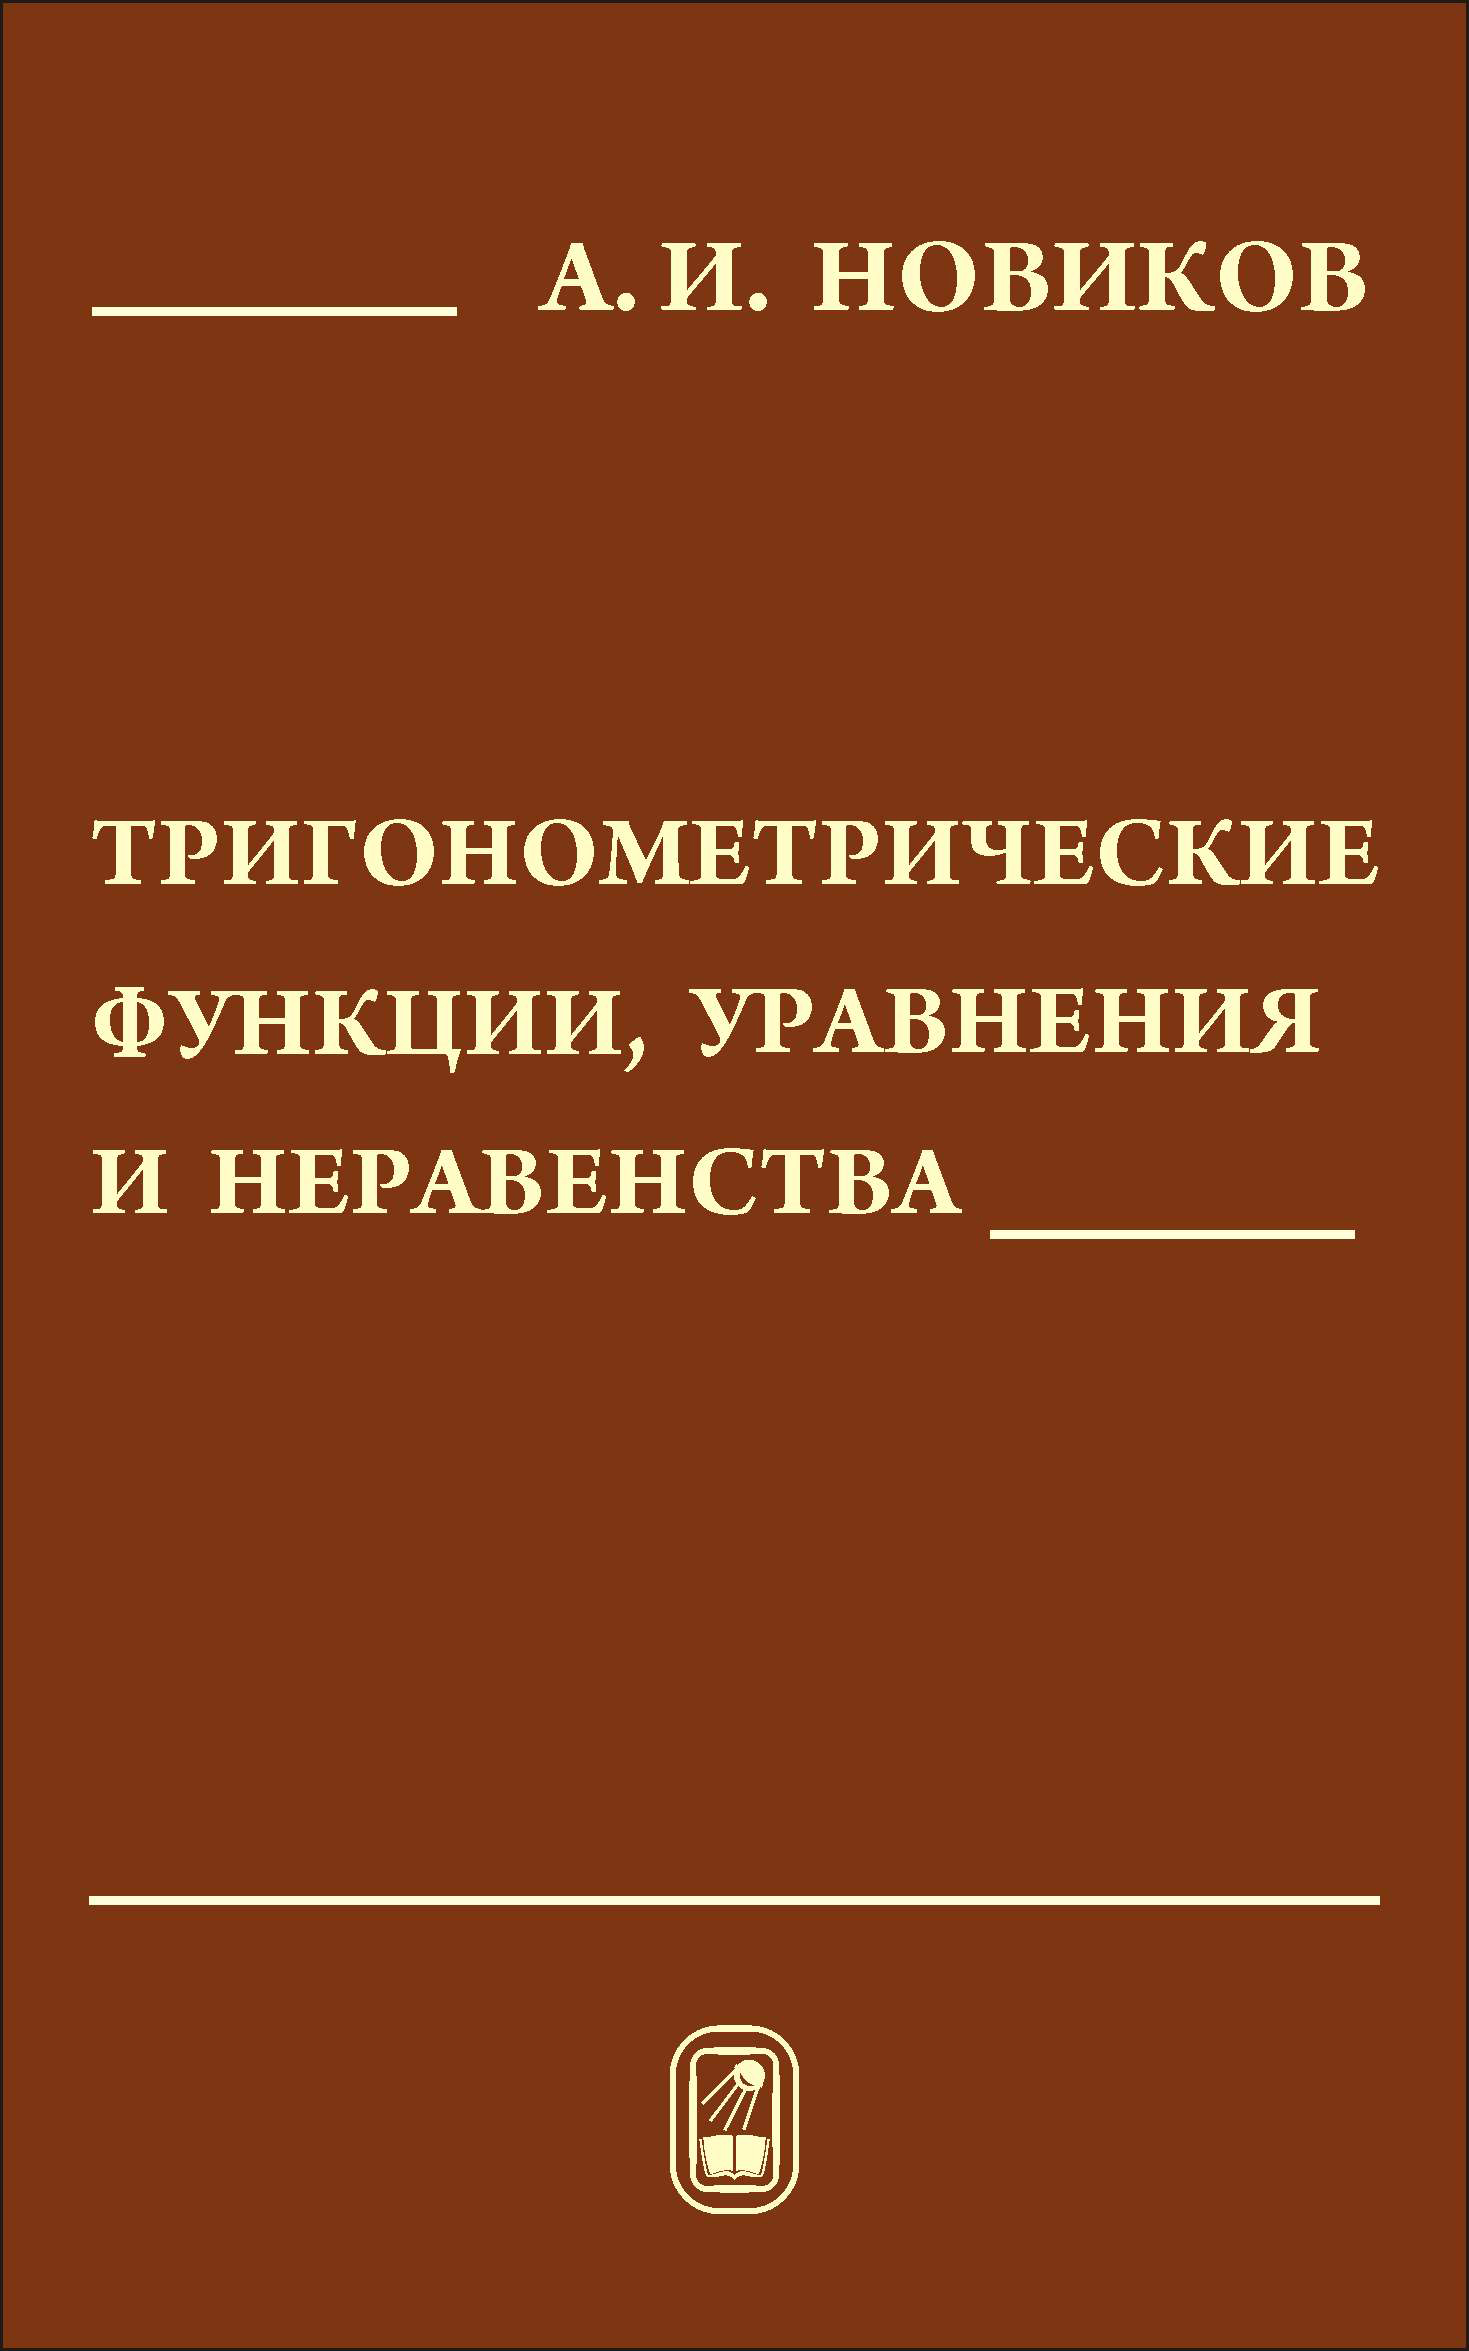 Анатолий Новиков Тригонометрические функции, уравнения и неравенства